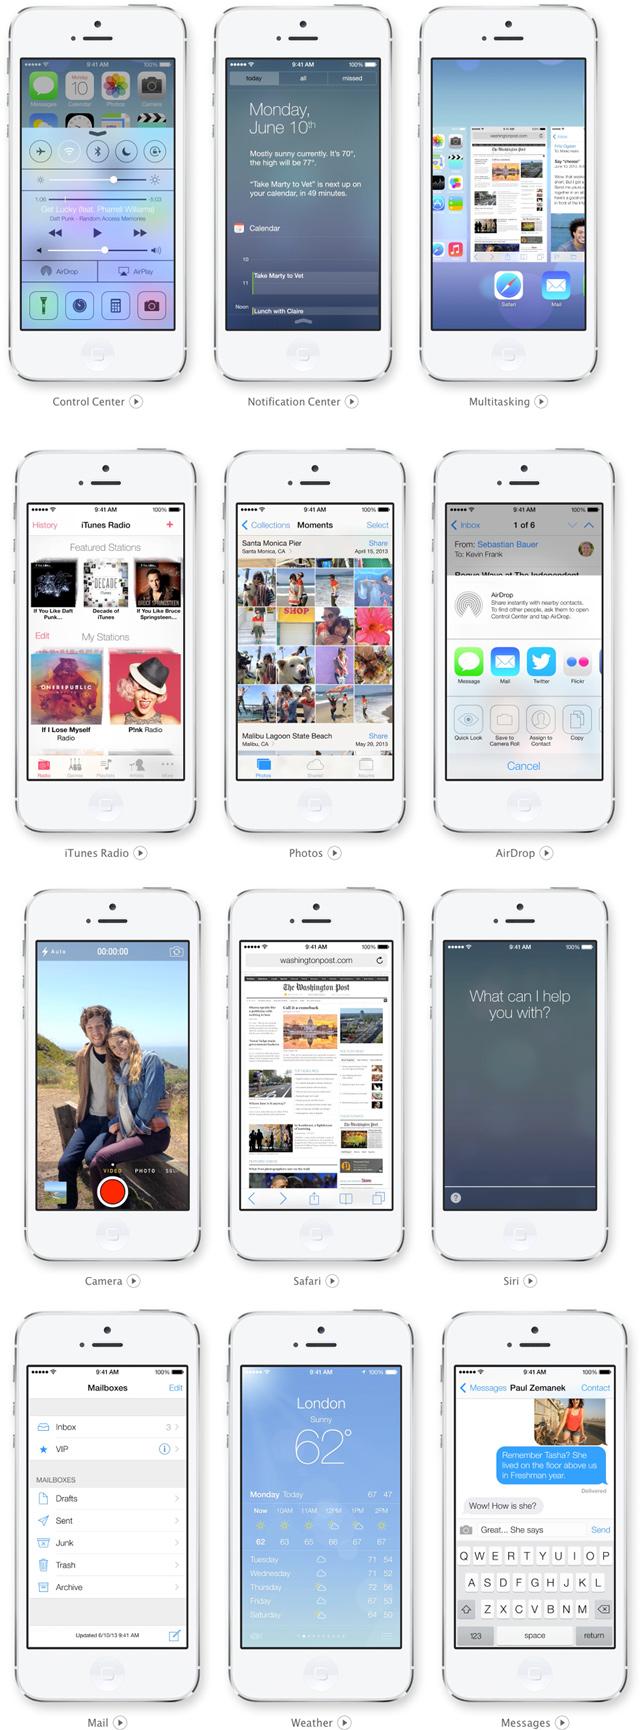 iOS-7-Infographic